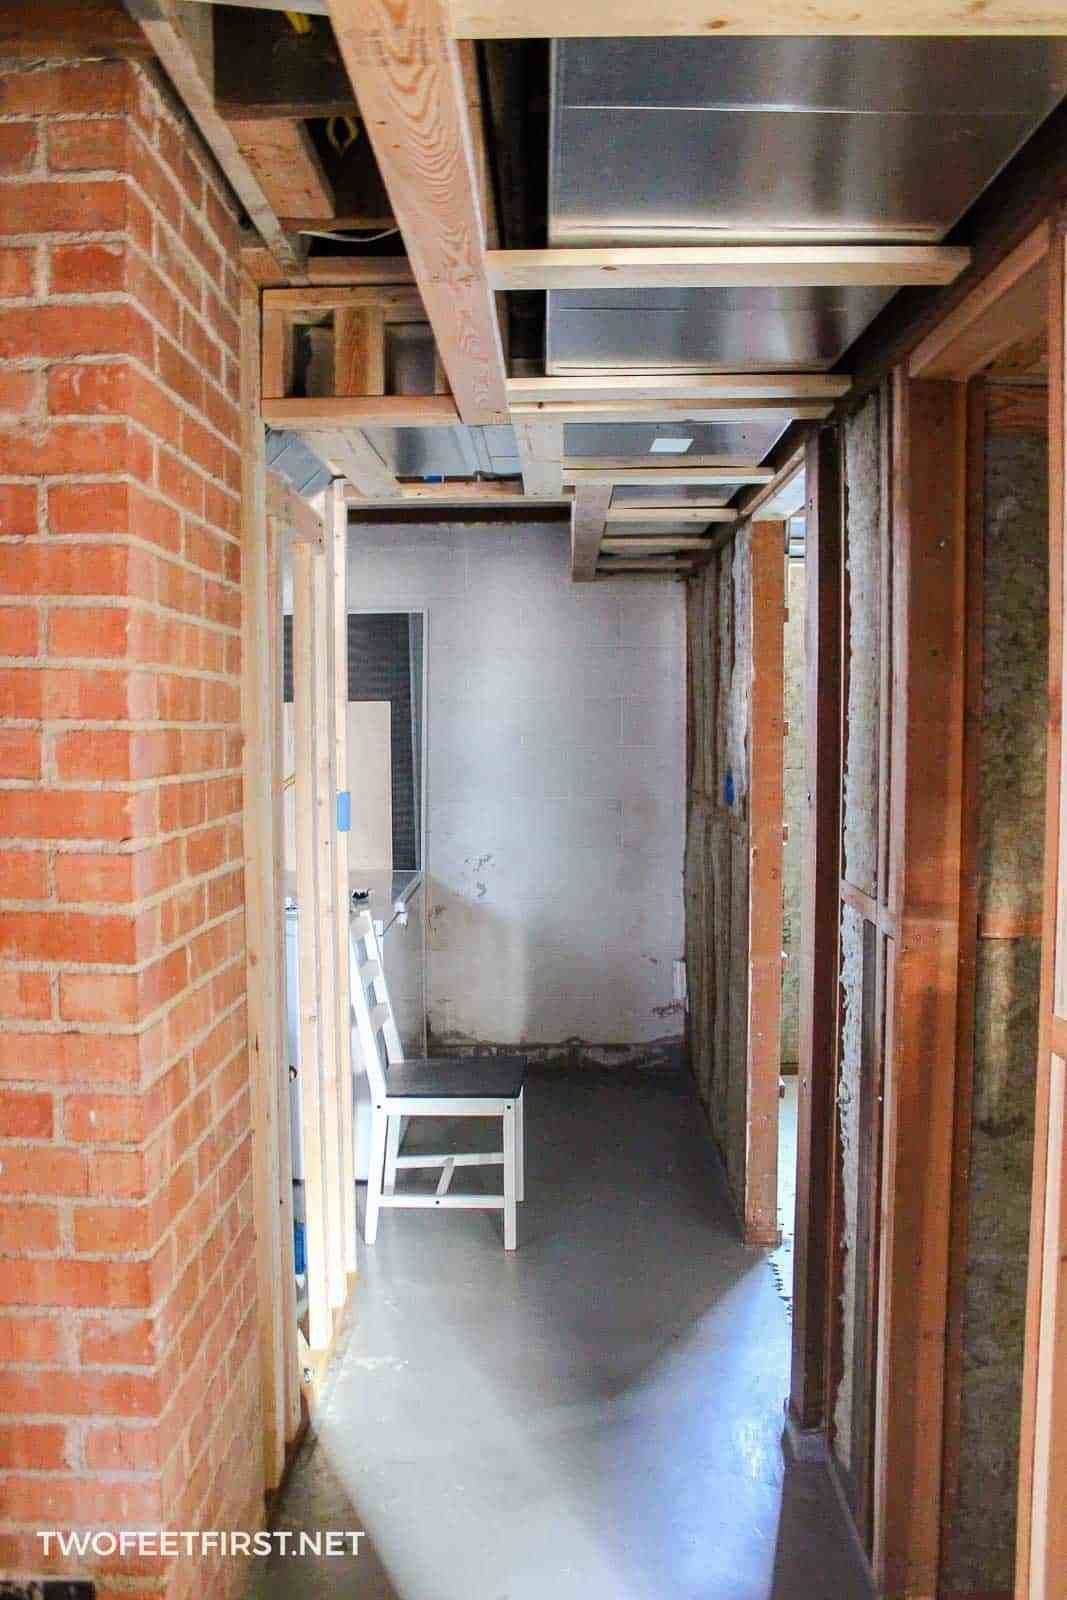 insulating and framing a basement escrit rio em casa pinterest rh pinterest com Basement Wall Framing Tips Basement Wall Framing Tips